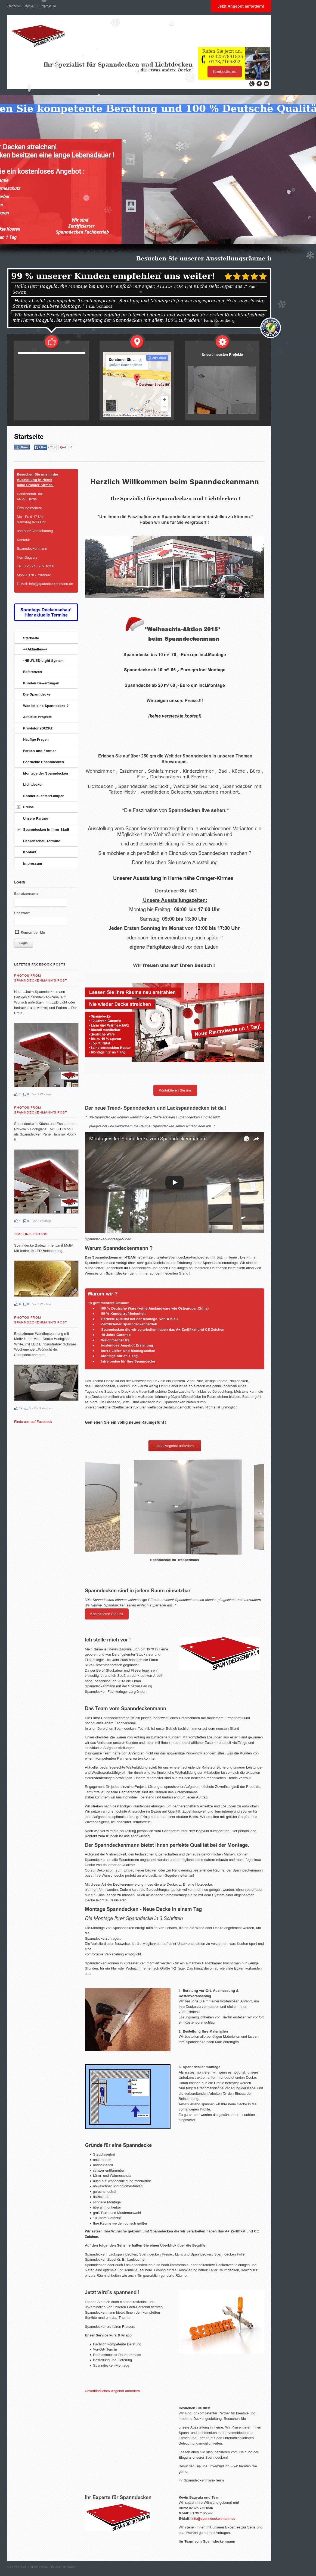 Gallery of Charmant Kuche Renovieren Kosten Durchschnittlich Ideen ...